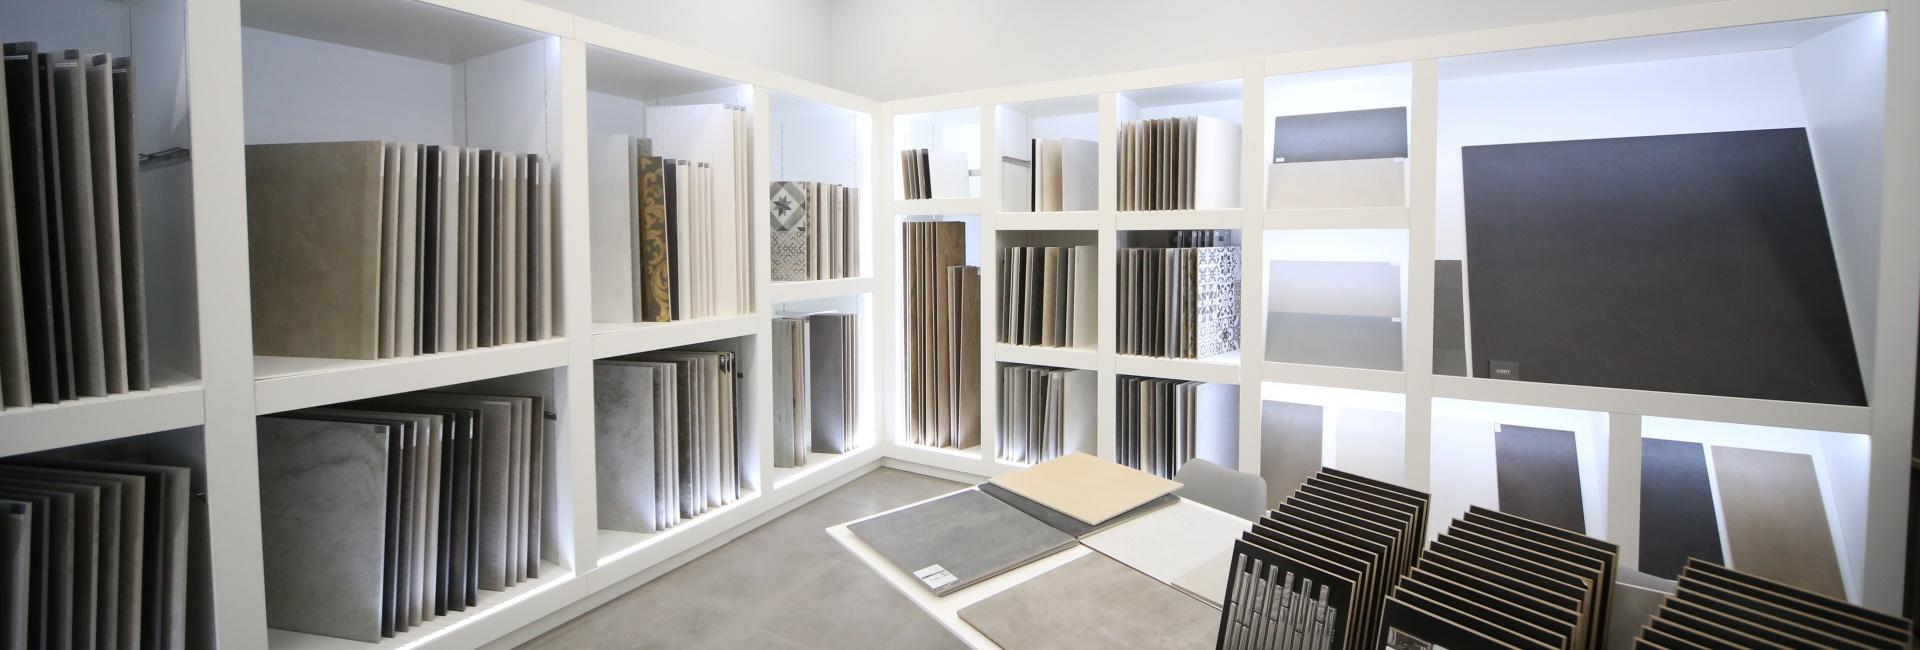 agencement int rieur d 39 espaces professionnels haut doubs. Black Bedroom Furniture Sets. Home Design Ideas